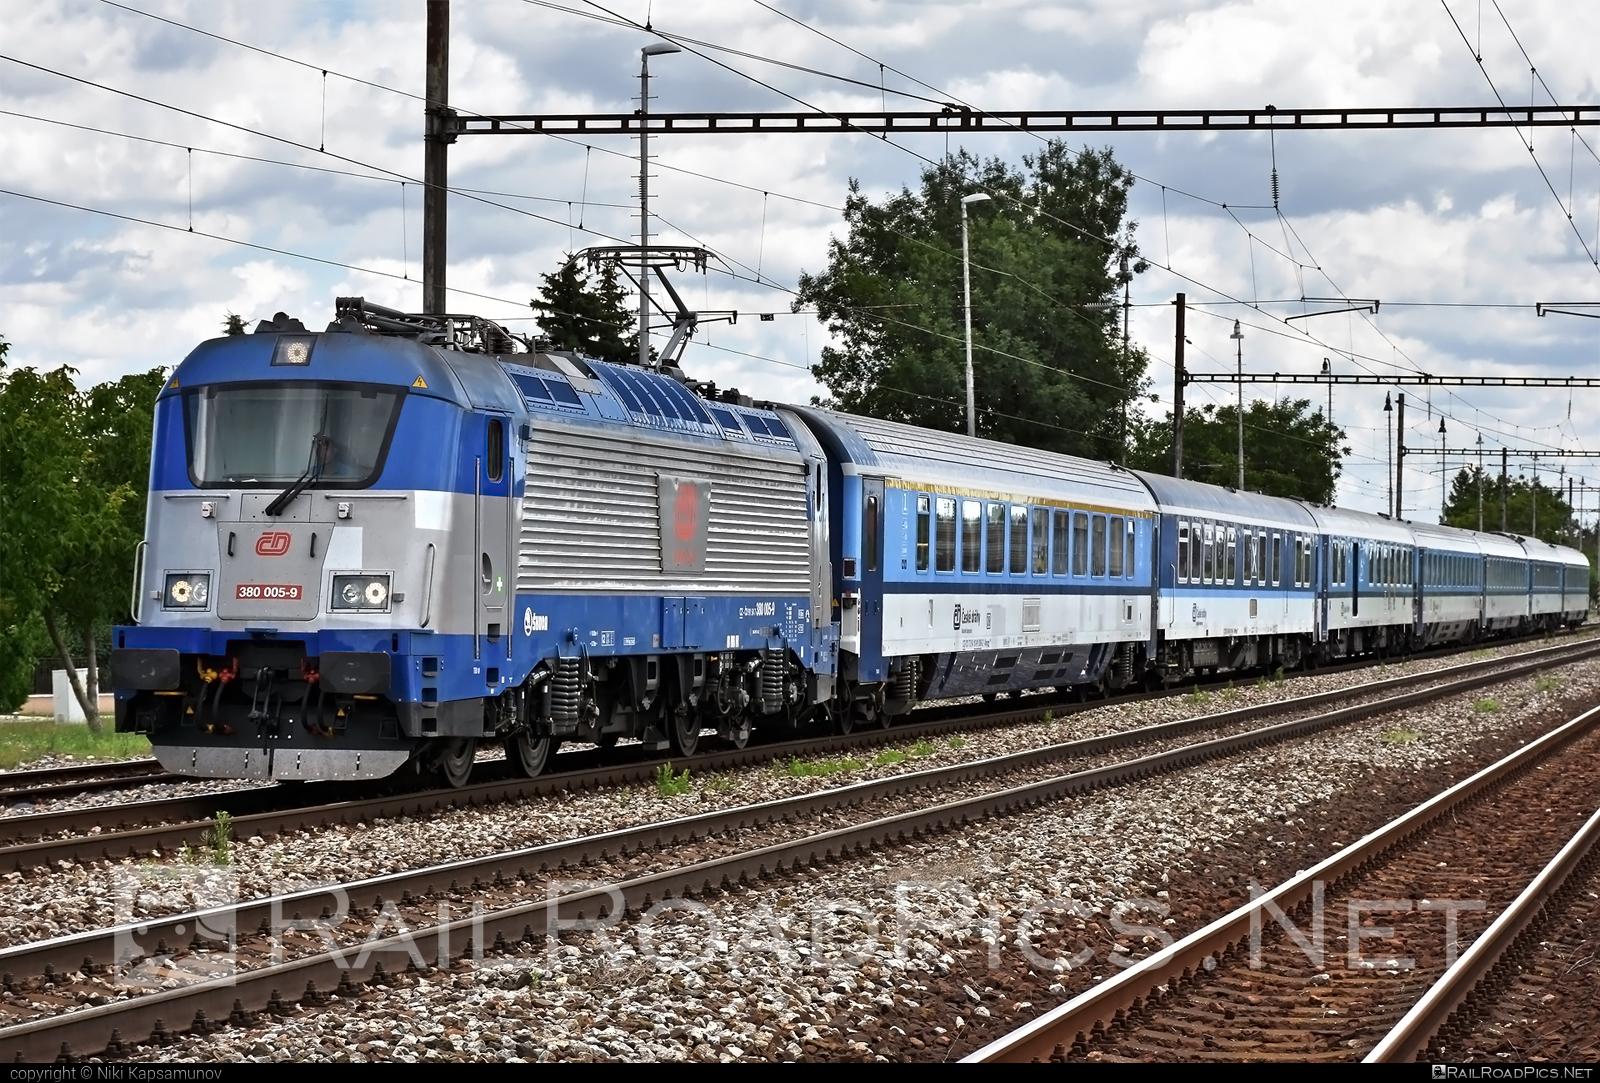 Škoda 109E0 Emil Zátopek - 380 005-9 operated by České dráhy, a.s. #cd #ceskedrahy #emilzatopeklocomotive #locomotive380 #skoda #skoda109e #skoda109elocomotive